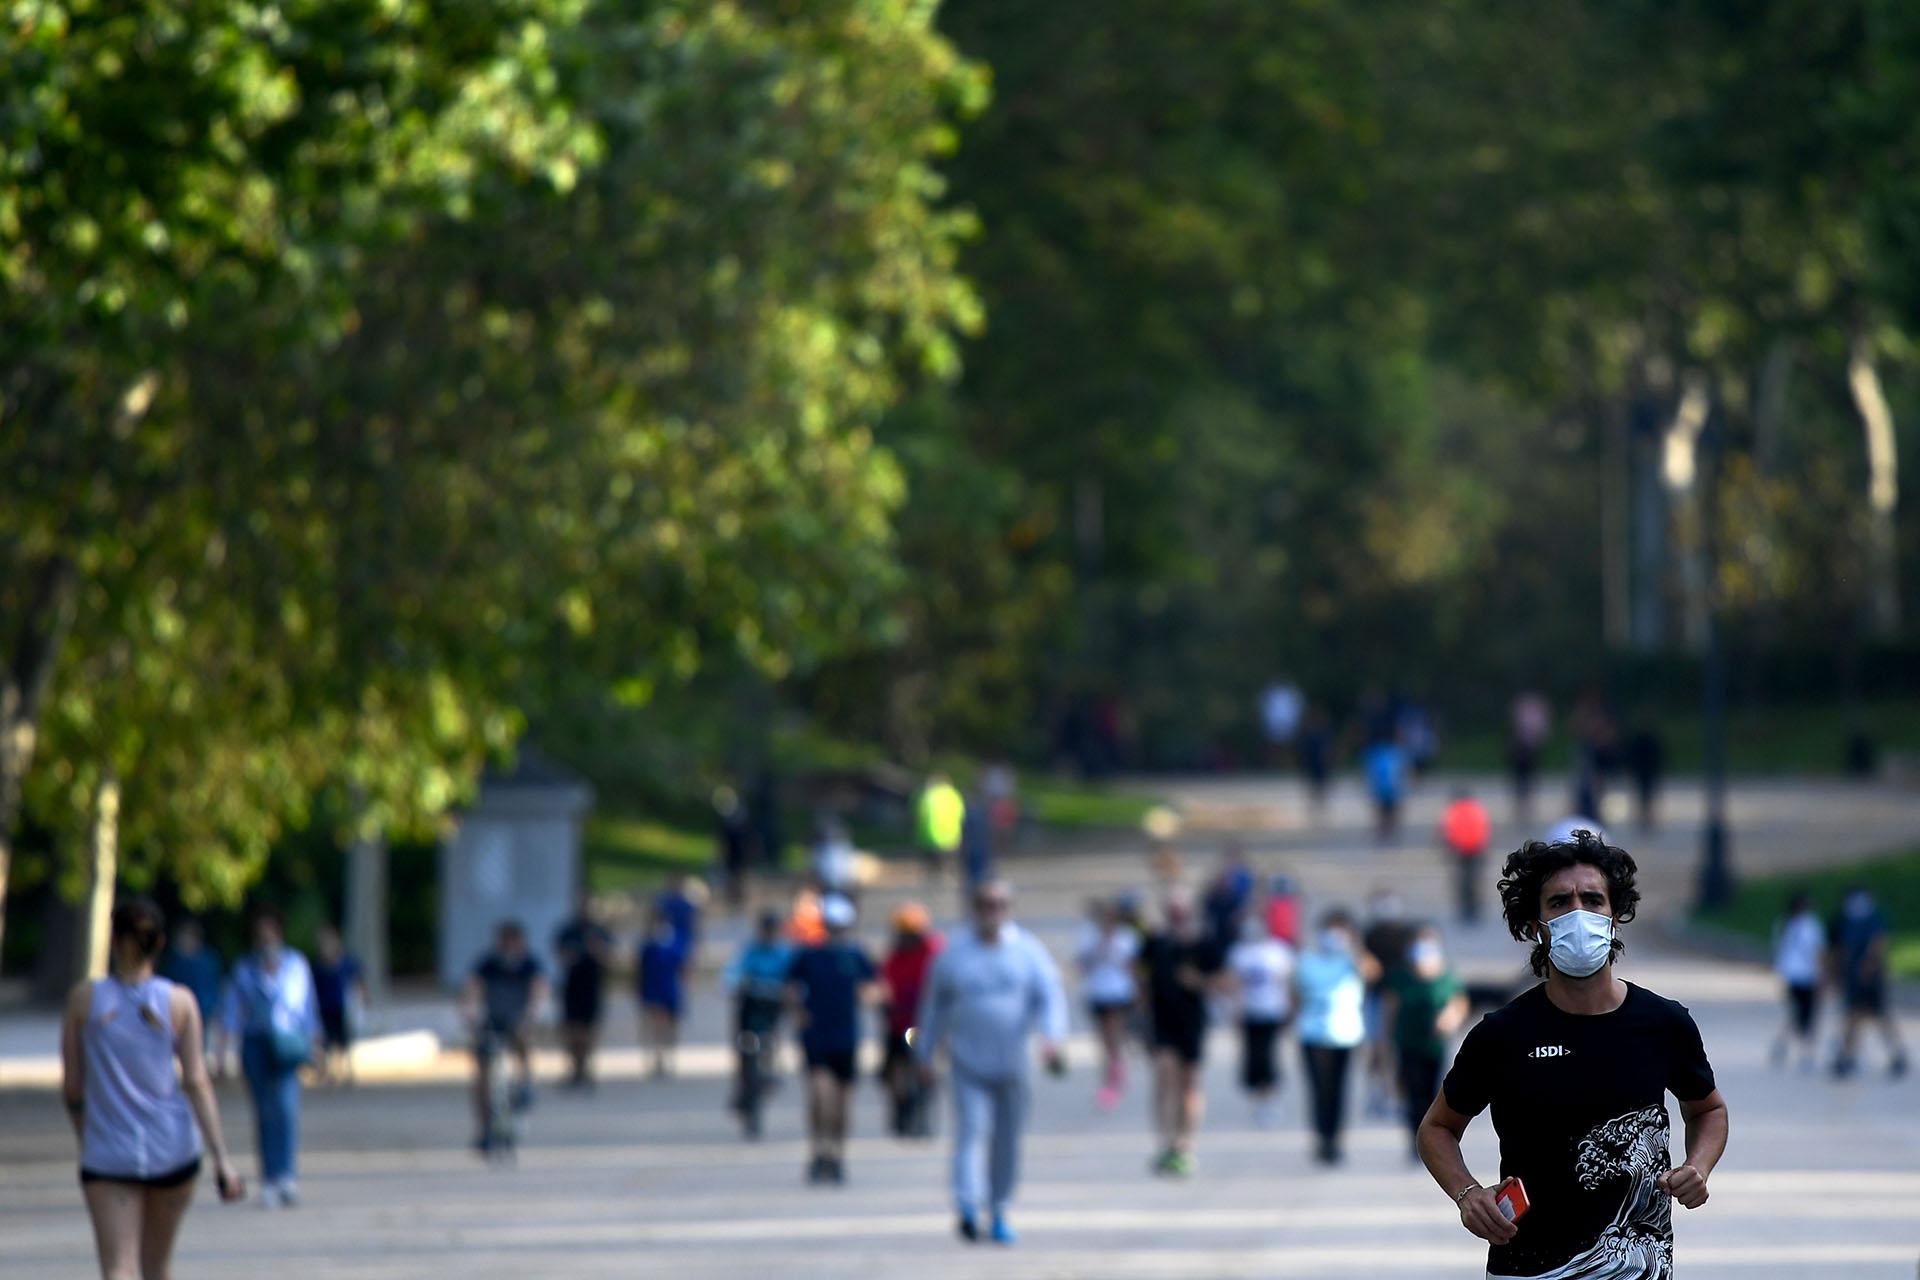 El parque de el Retiro en Madrid. Madrid, Barcelona y gran parte de Castilla y León entran en la primera fase de un desconfinamiento progresivo iniciado en el país hace quince días. (Gabriel BOUYS / AFP)